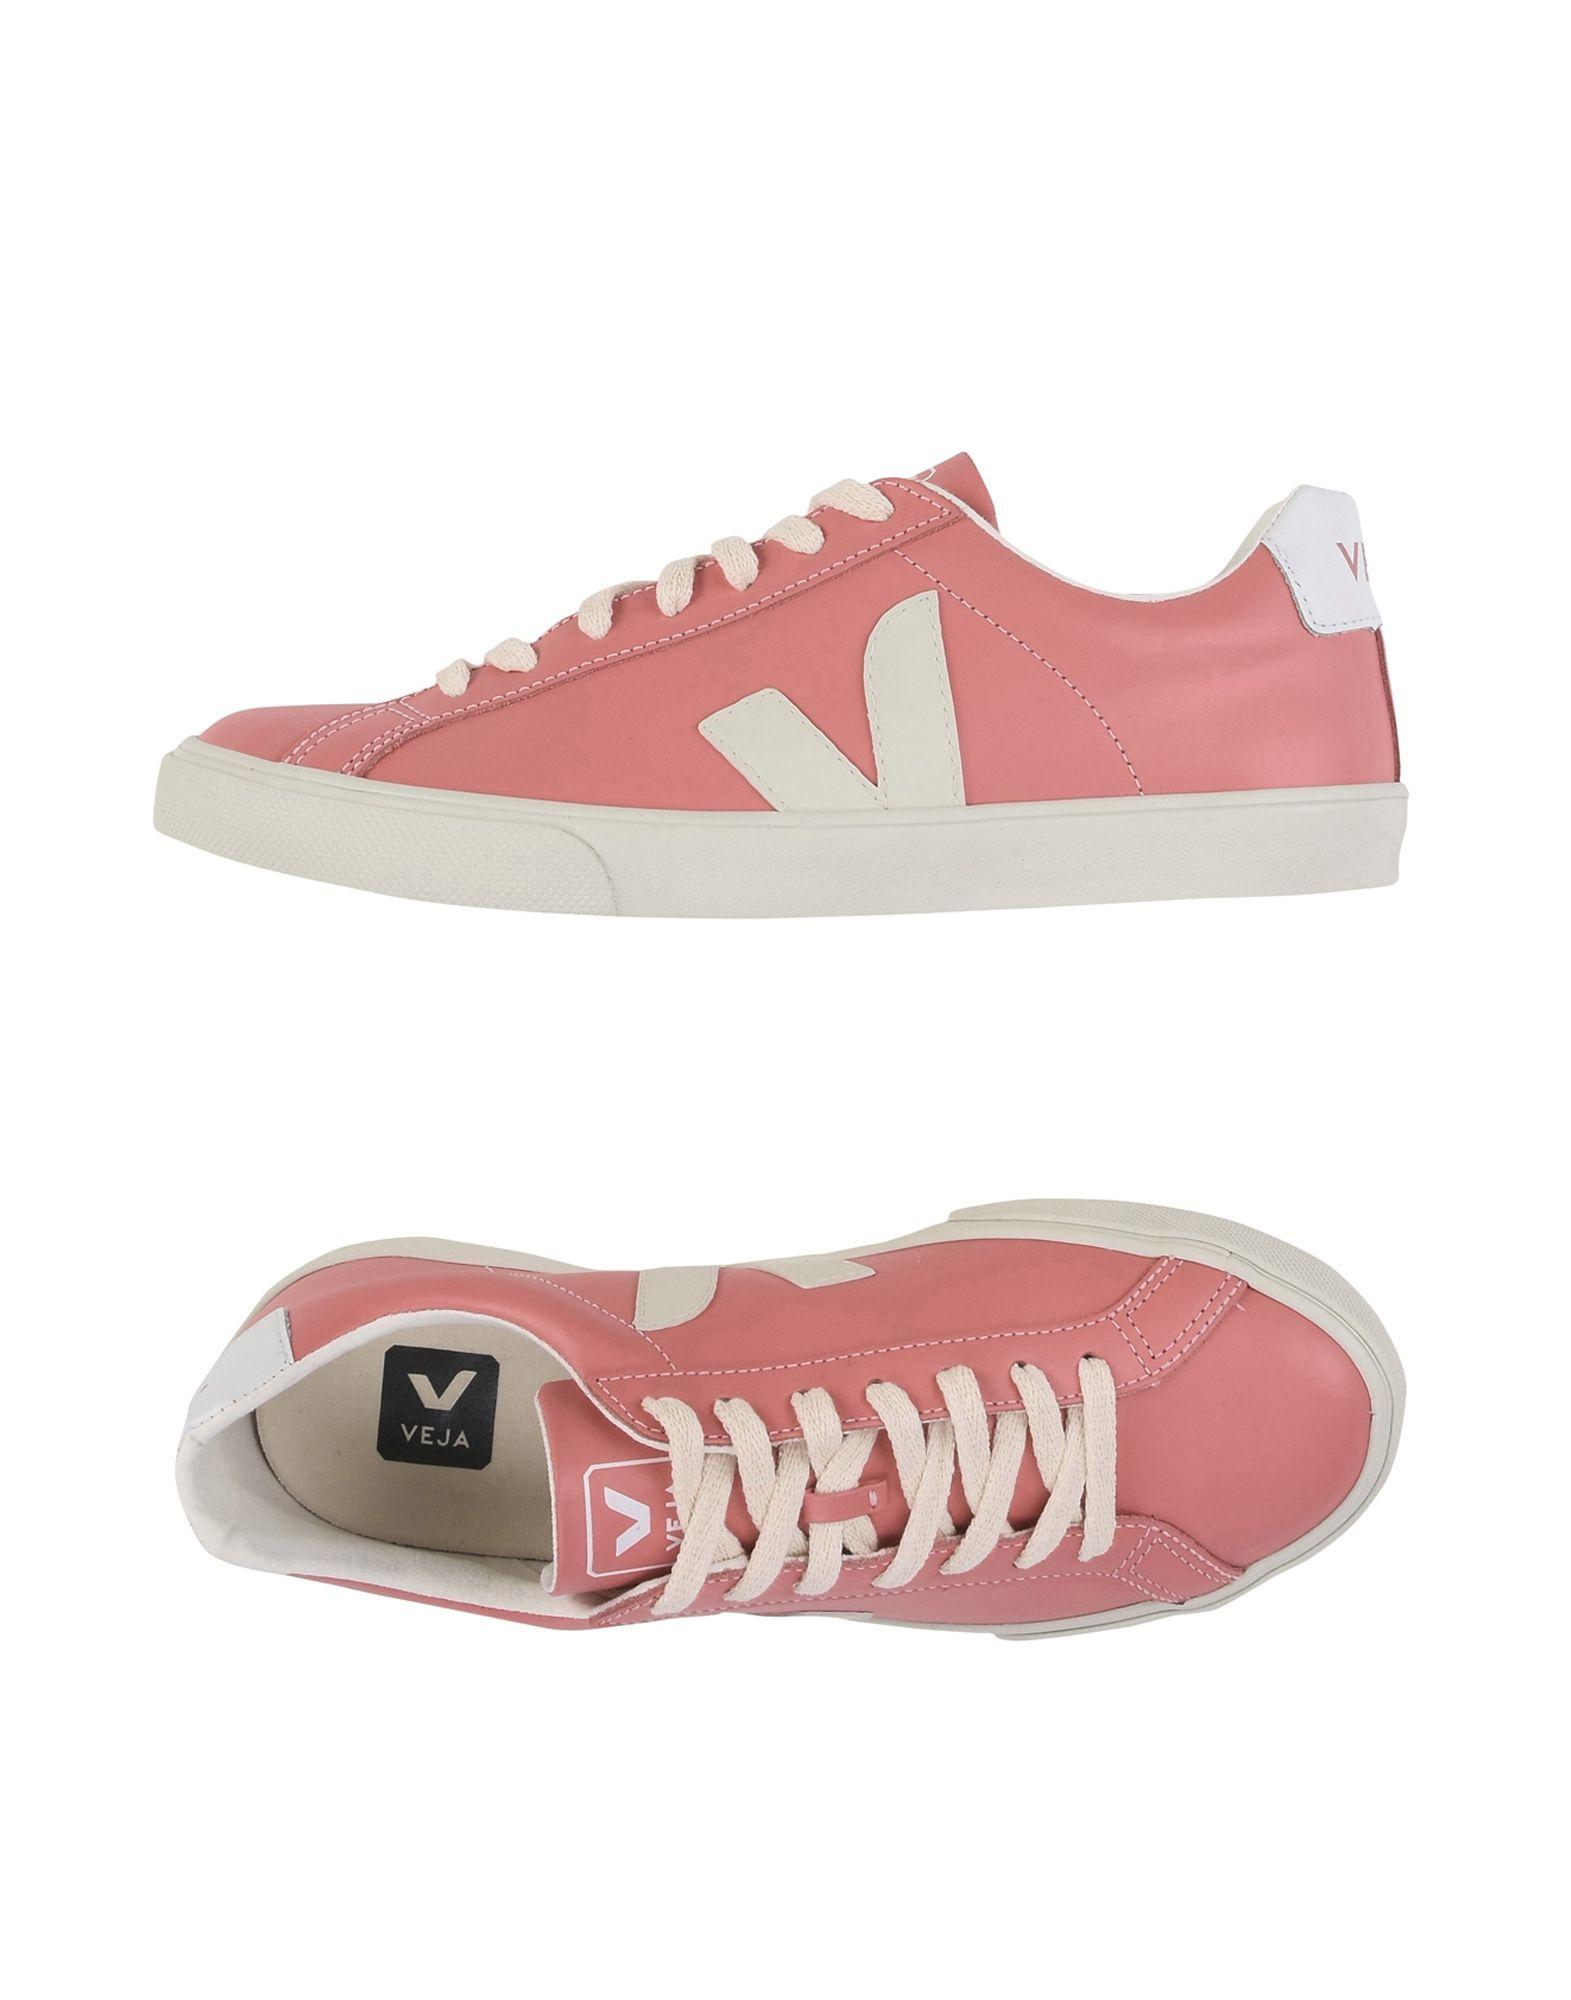 Veja Sneakers Damen  11448599ID Gute Qualität beliebte Schuhe